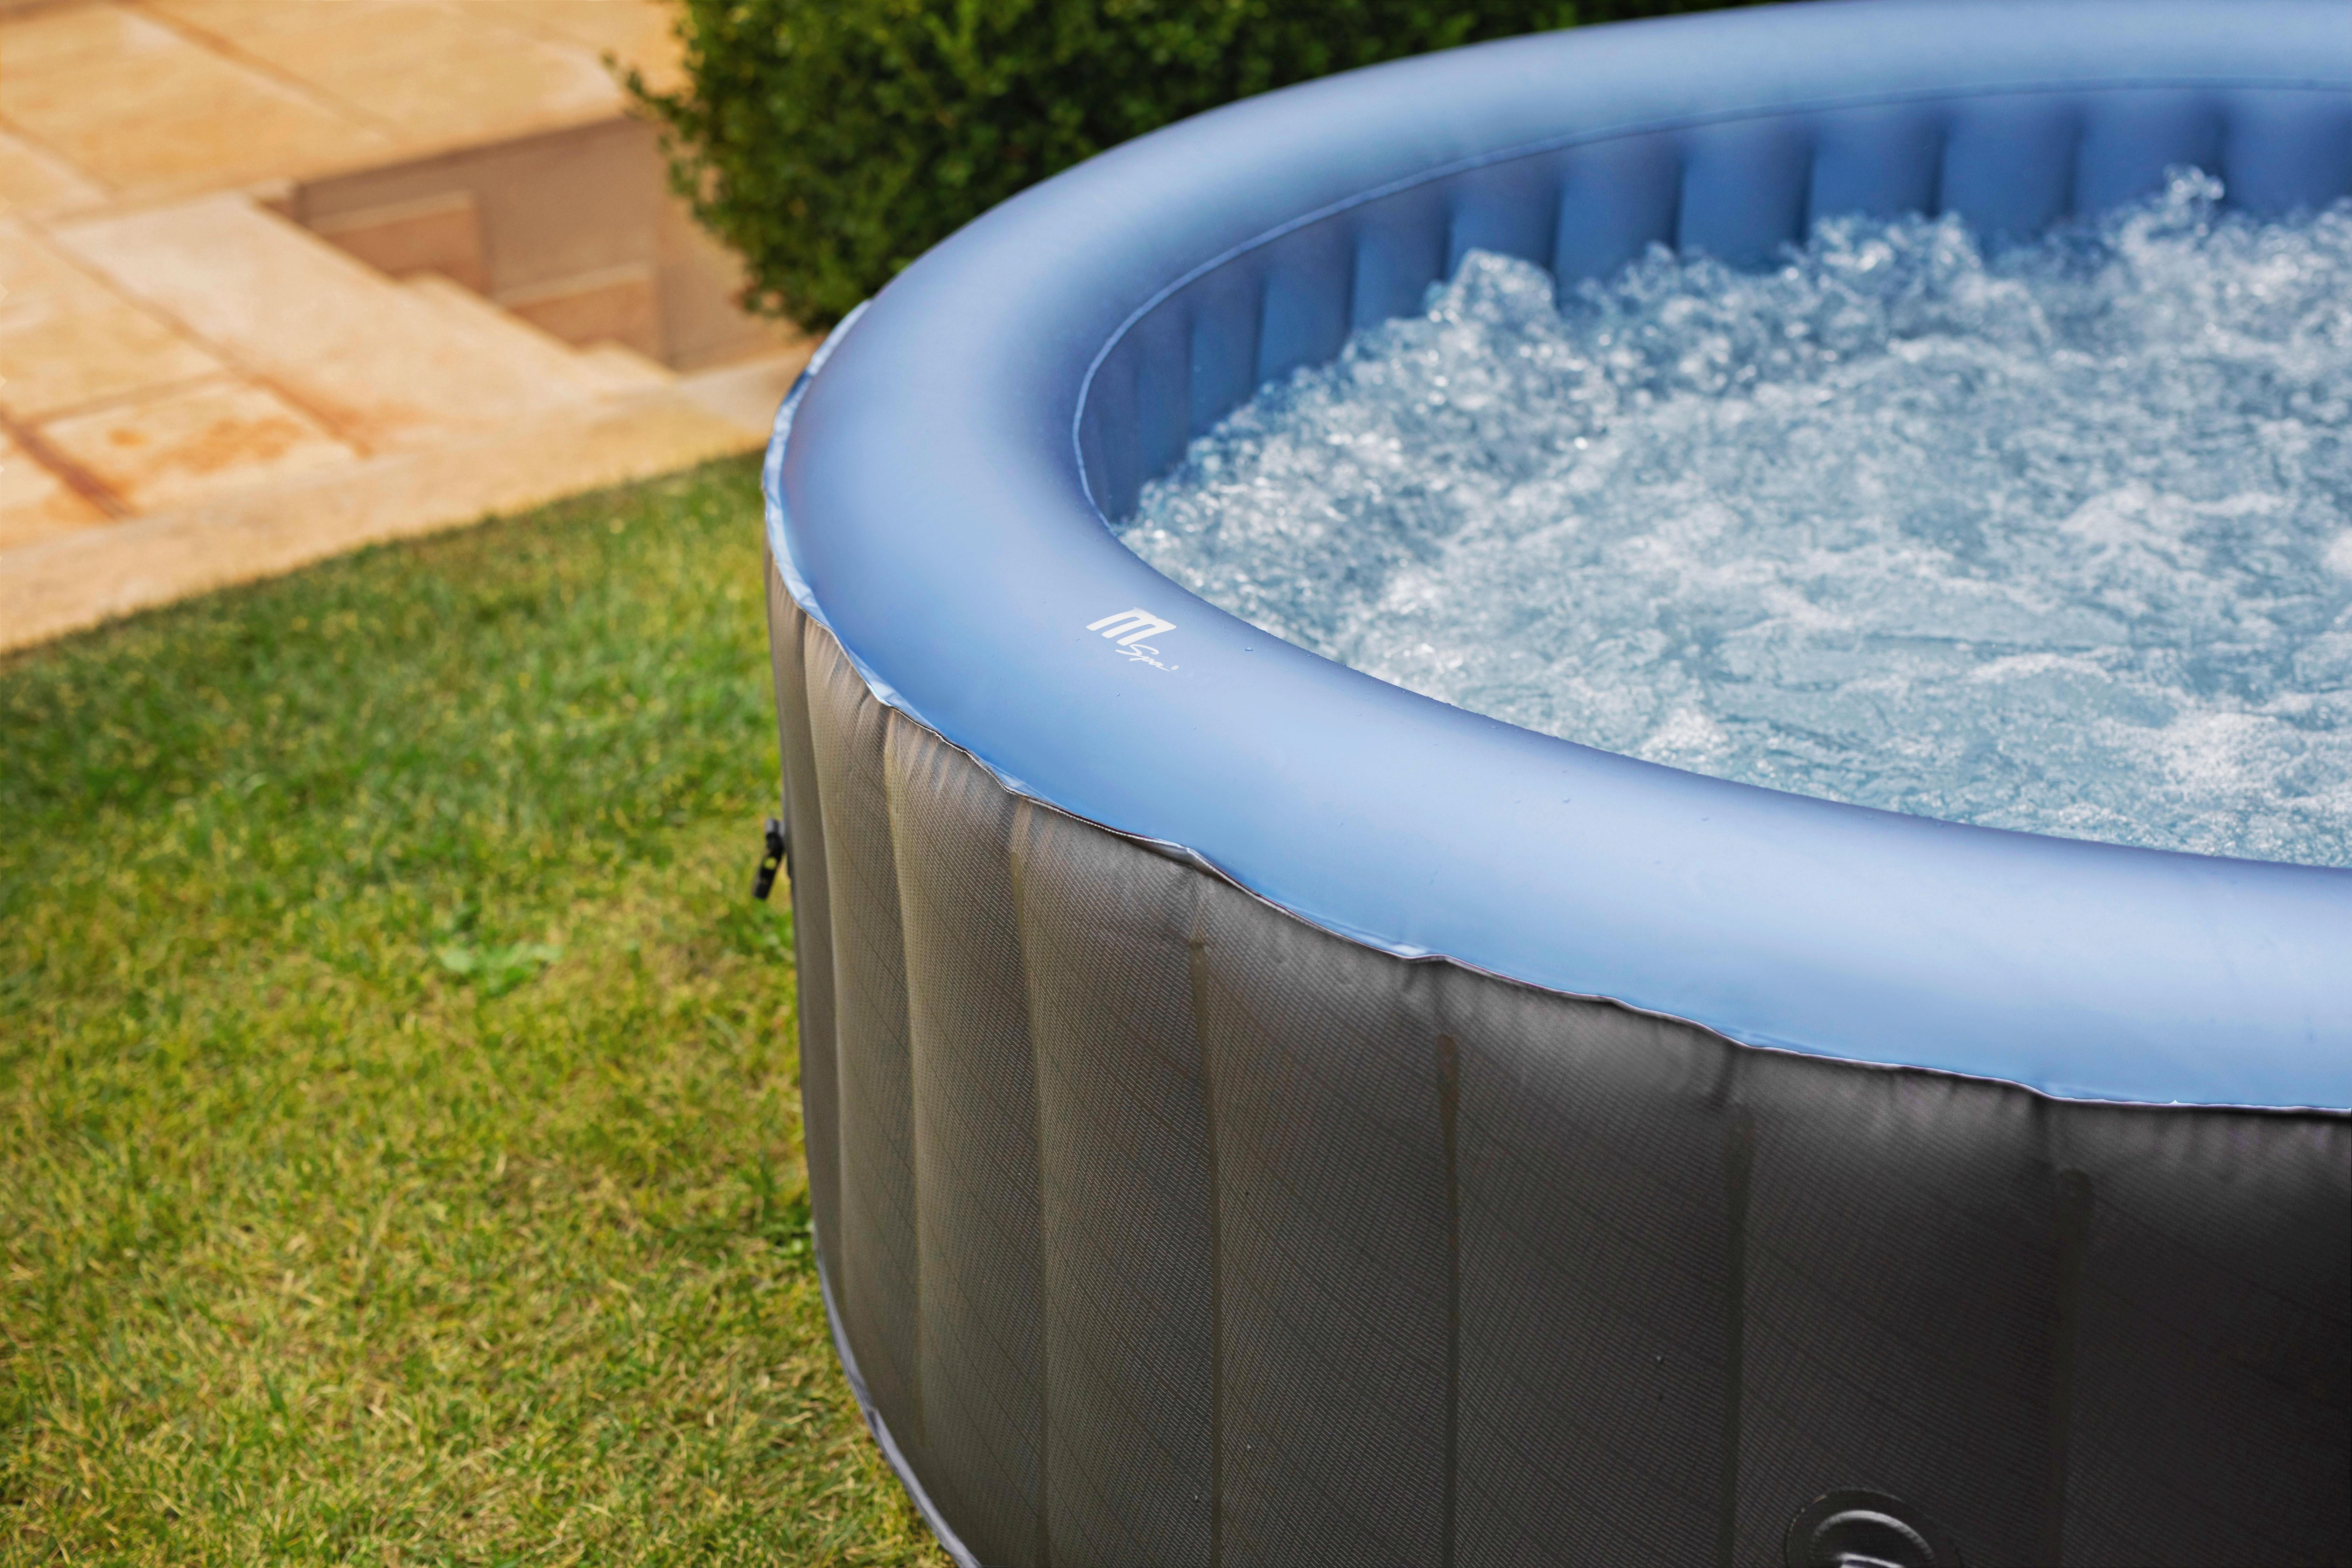 Nach dem Aufblasen: Wasser in den Whirlpool füllen und loslegen